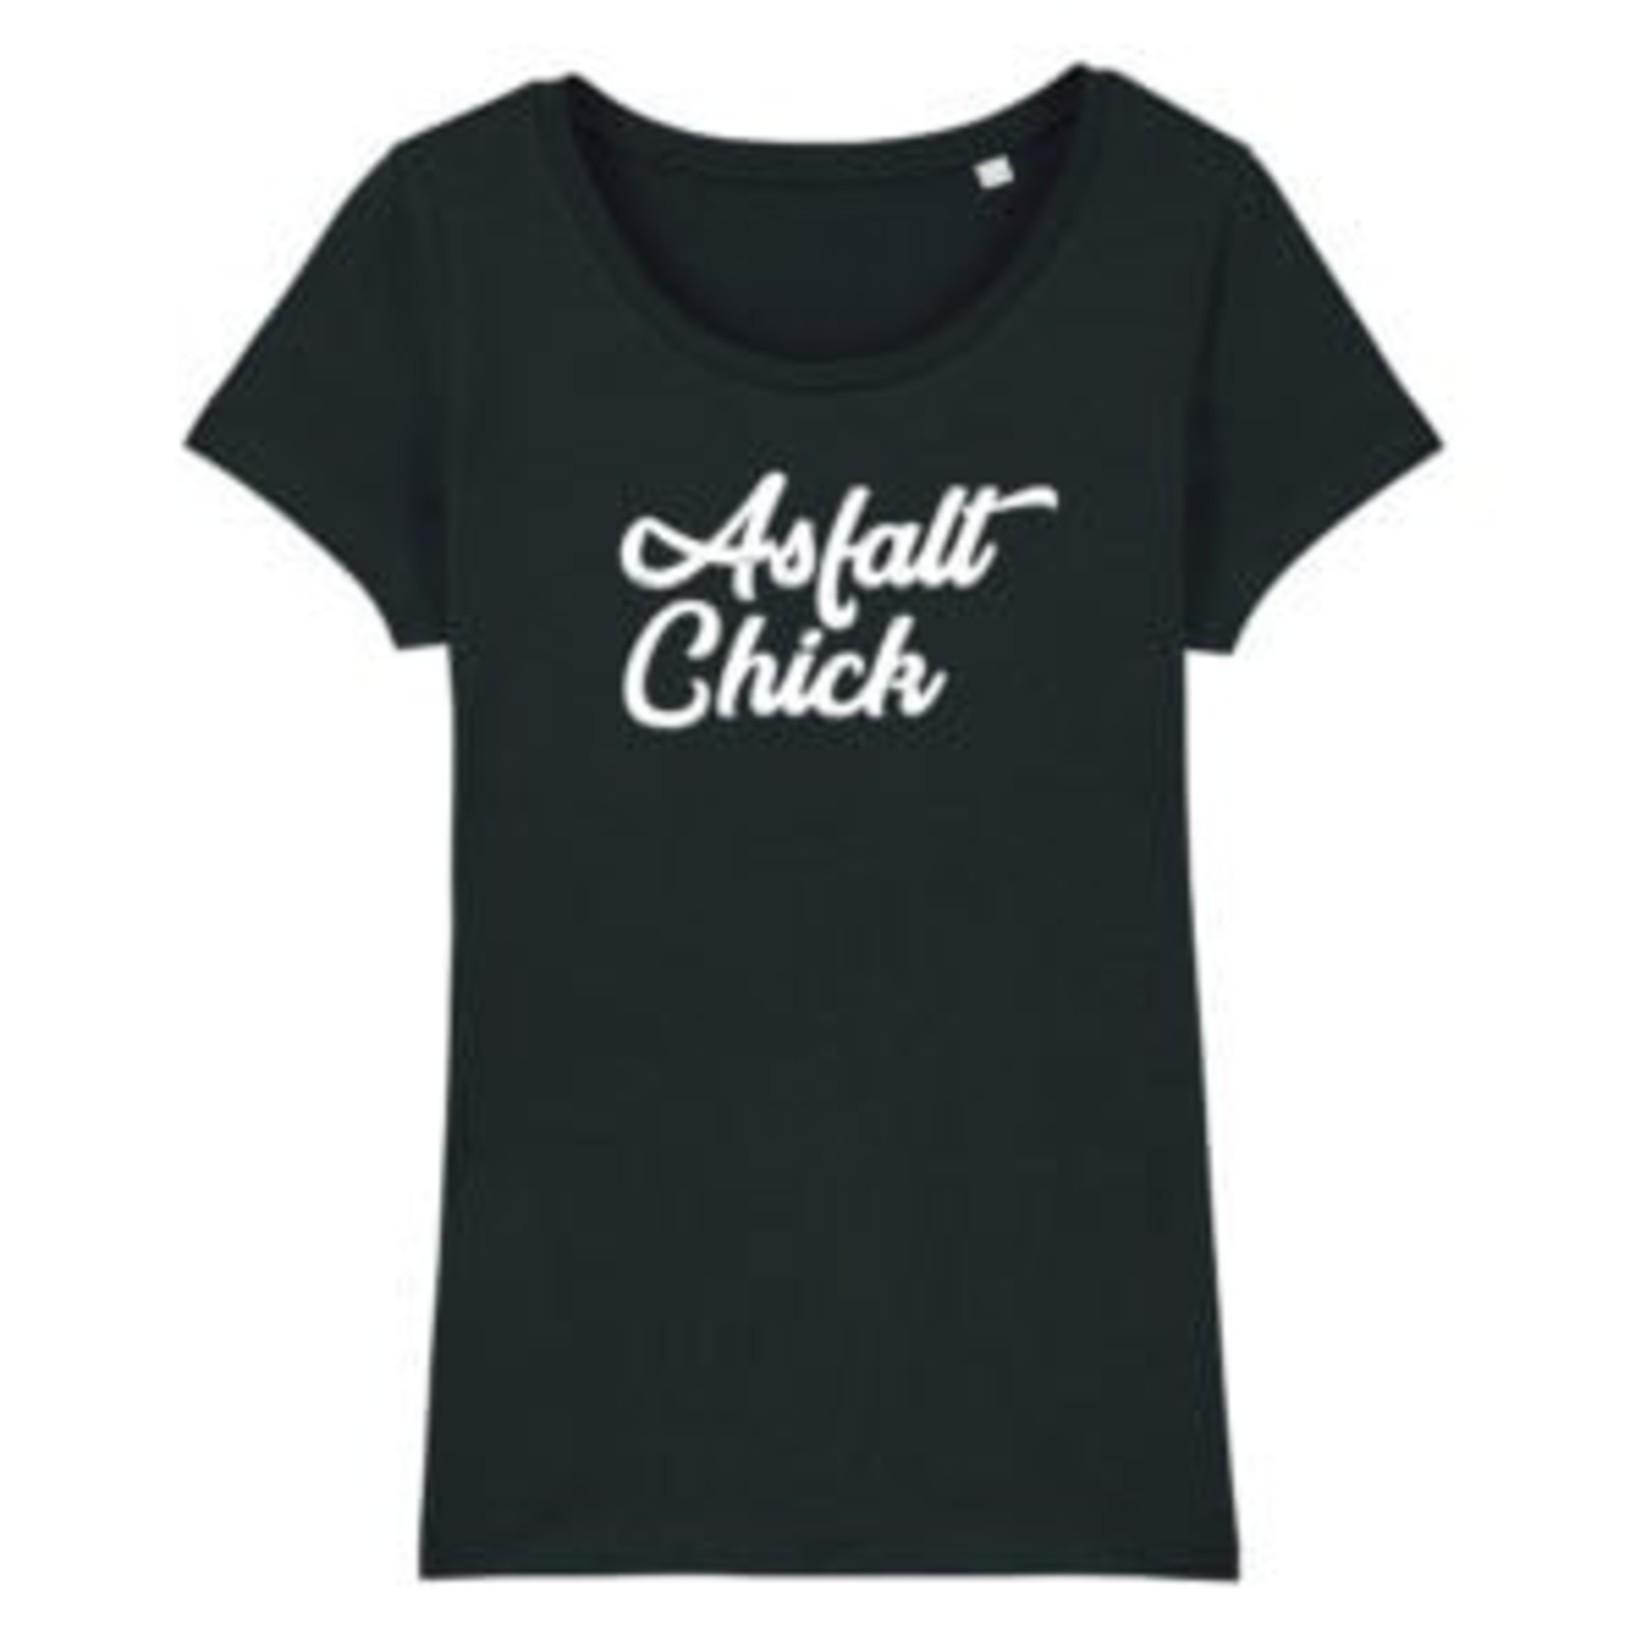 T-shirt 'Asfalt Chick'